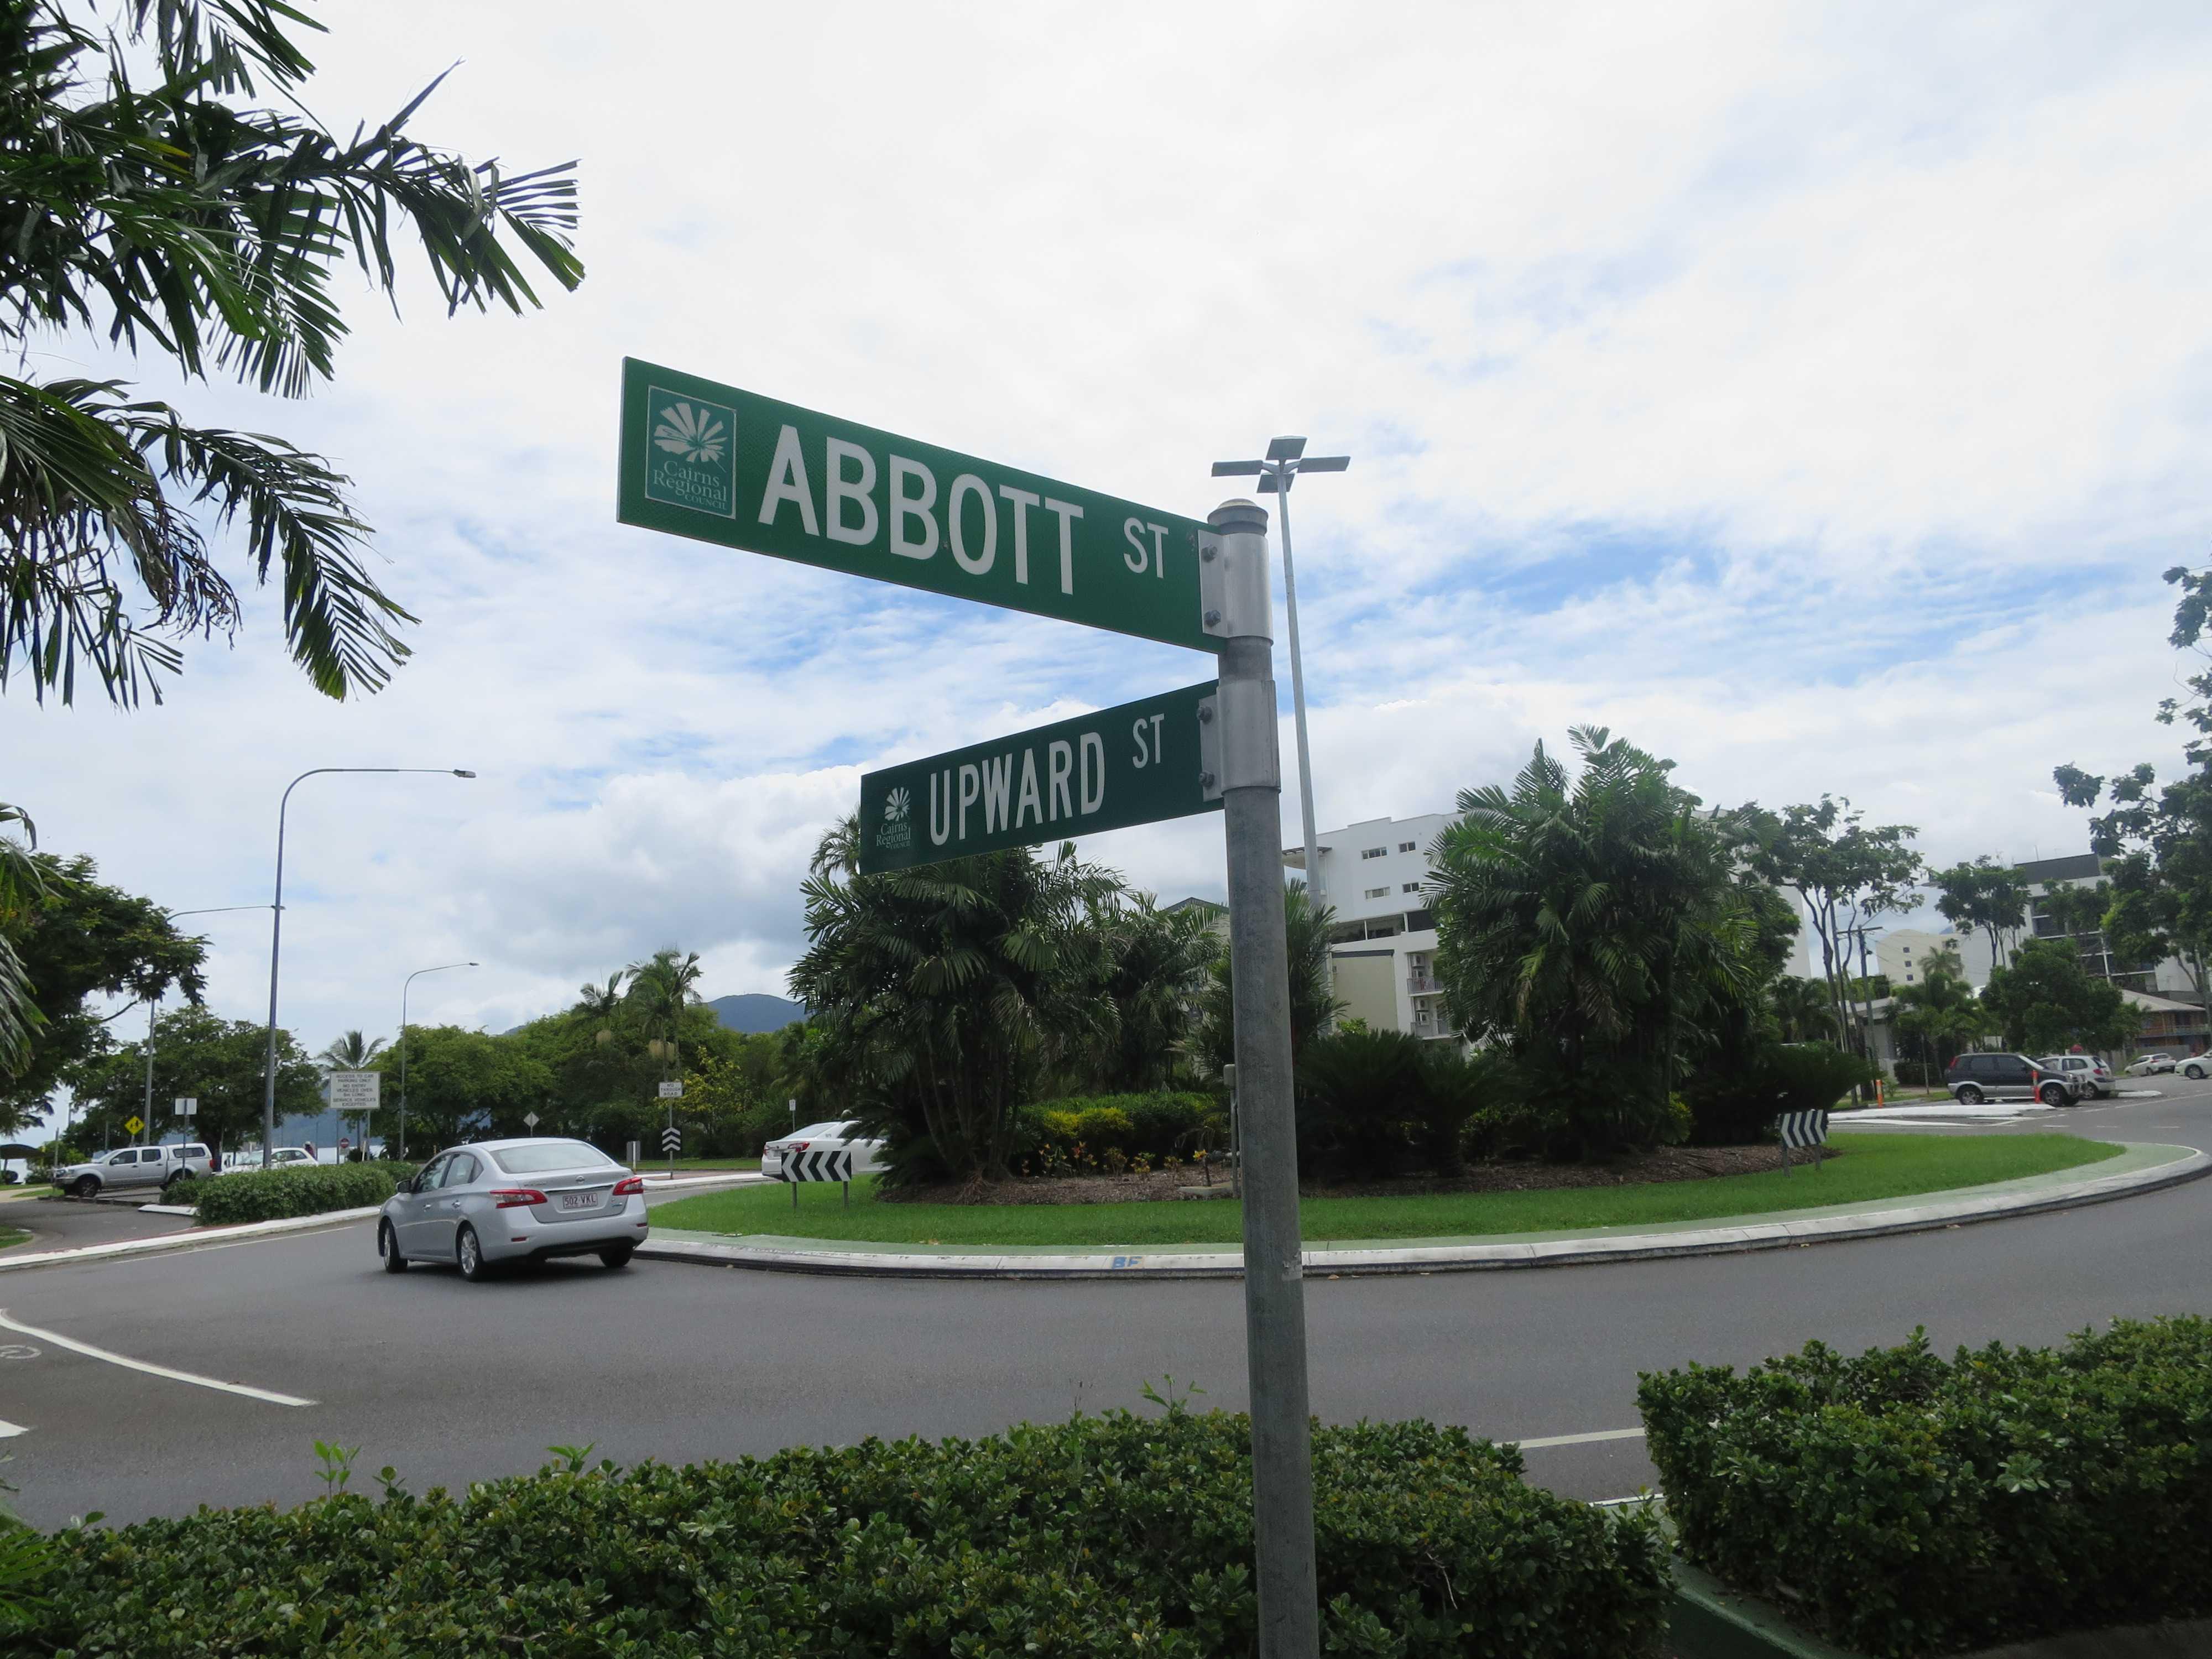 アボット通りとアップワード通りが交差するラウンドアバウト(ロータリー)